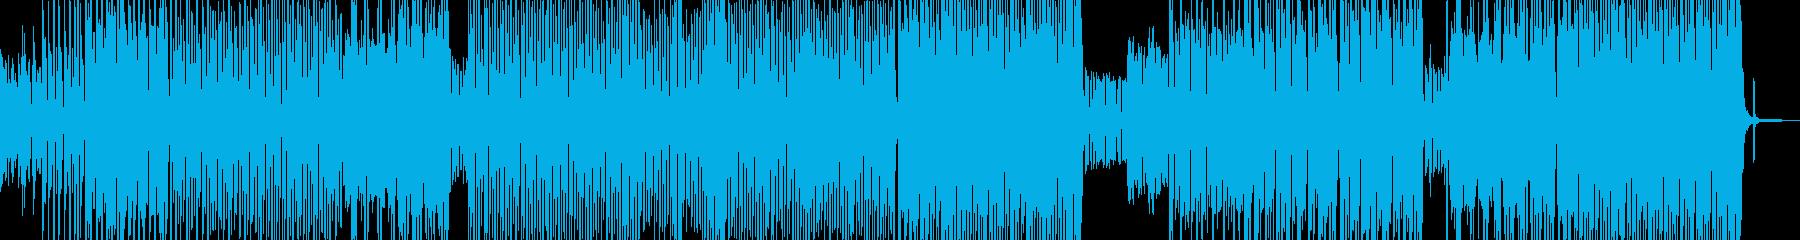 お菓子の国・メルヘンテクノポップ A+の再生済みの波形